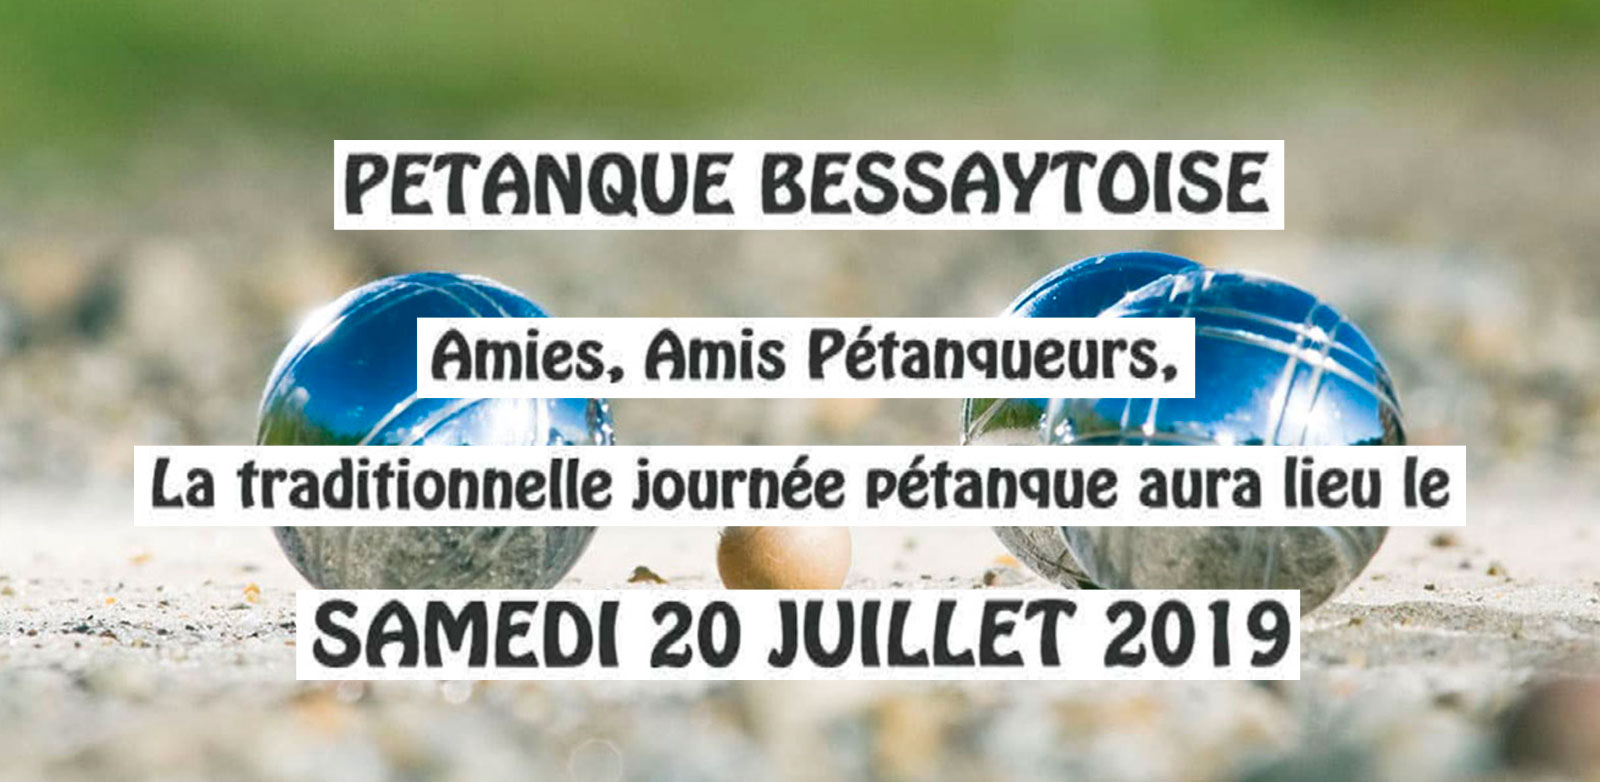 Club_petanque_bessay_20_juillet